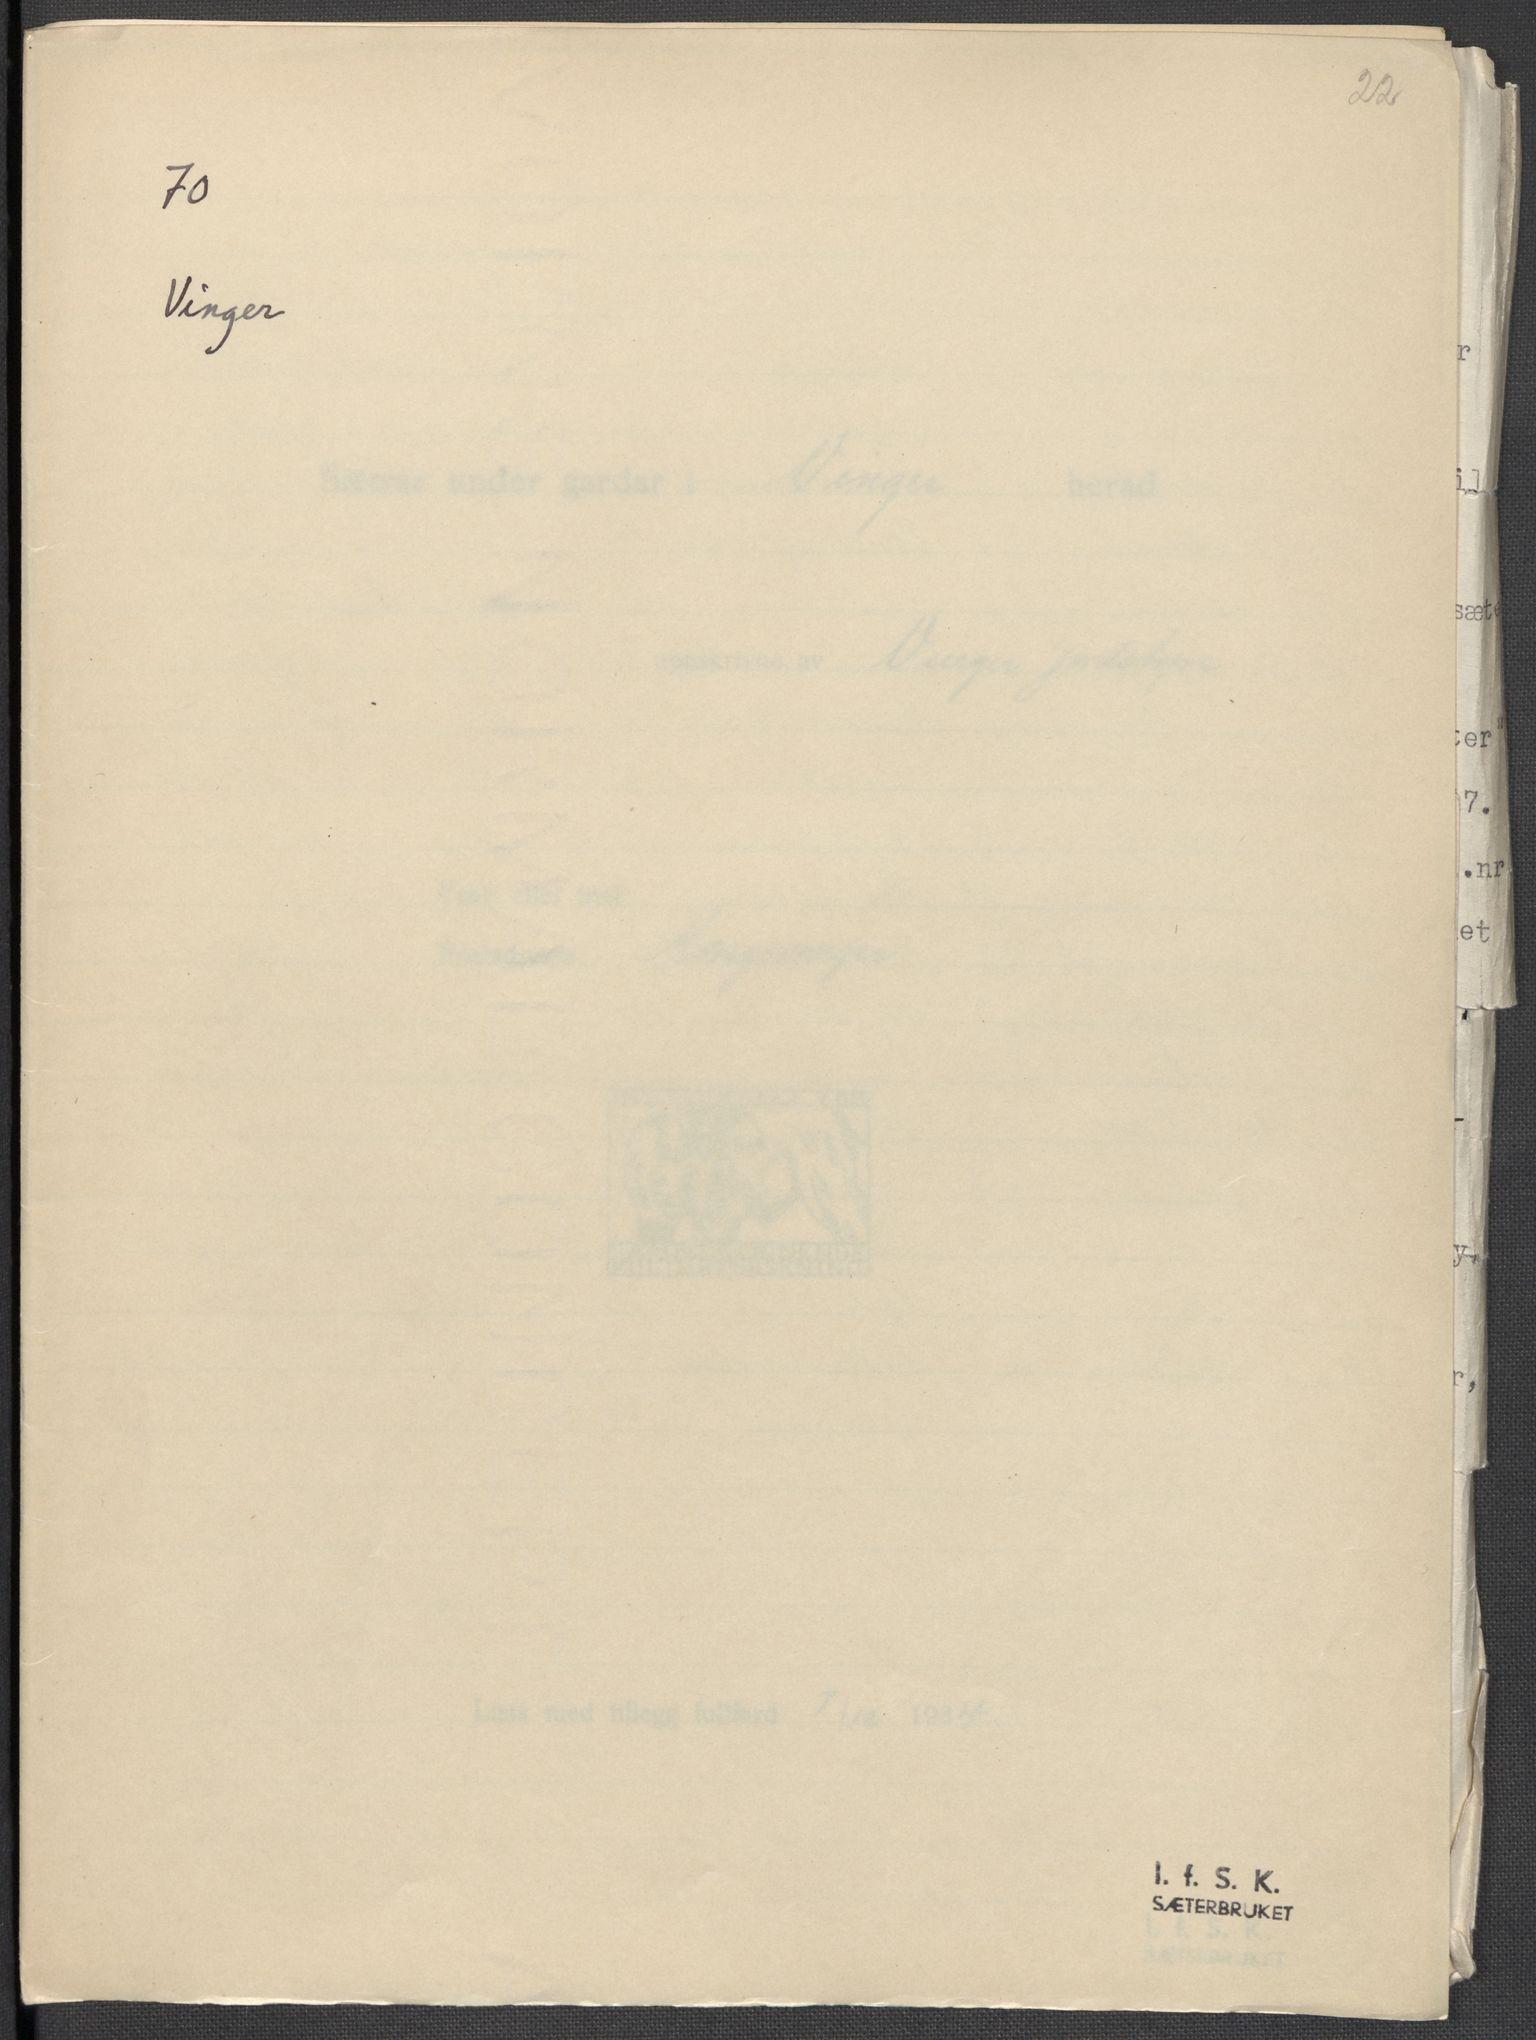 RA, Instituttet for sammenlignende kulturforskning, F/Fc/L0003: Eske B3:, 1934-1935, s. 22